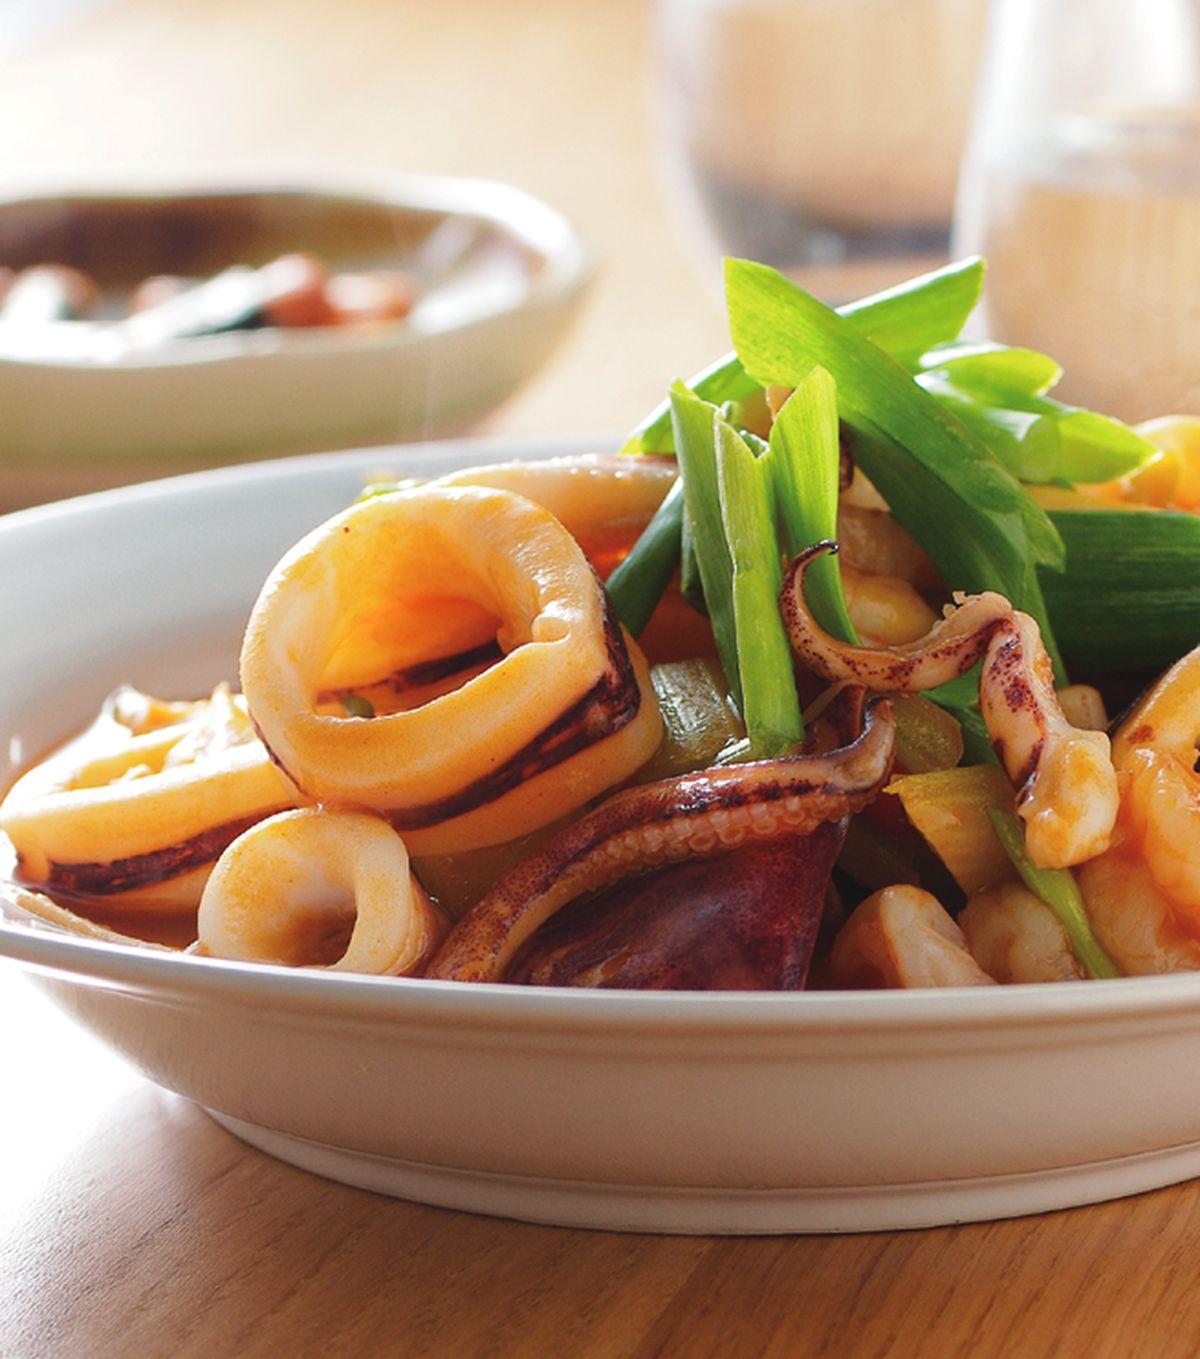 食譜:西芹炒雙鮮